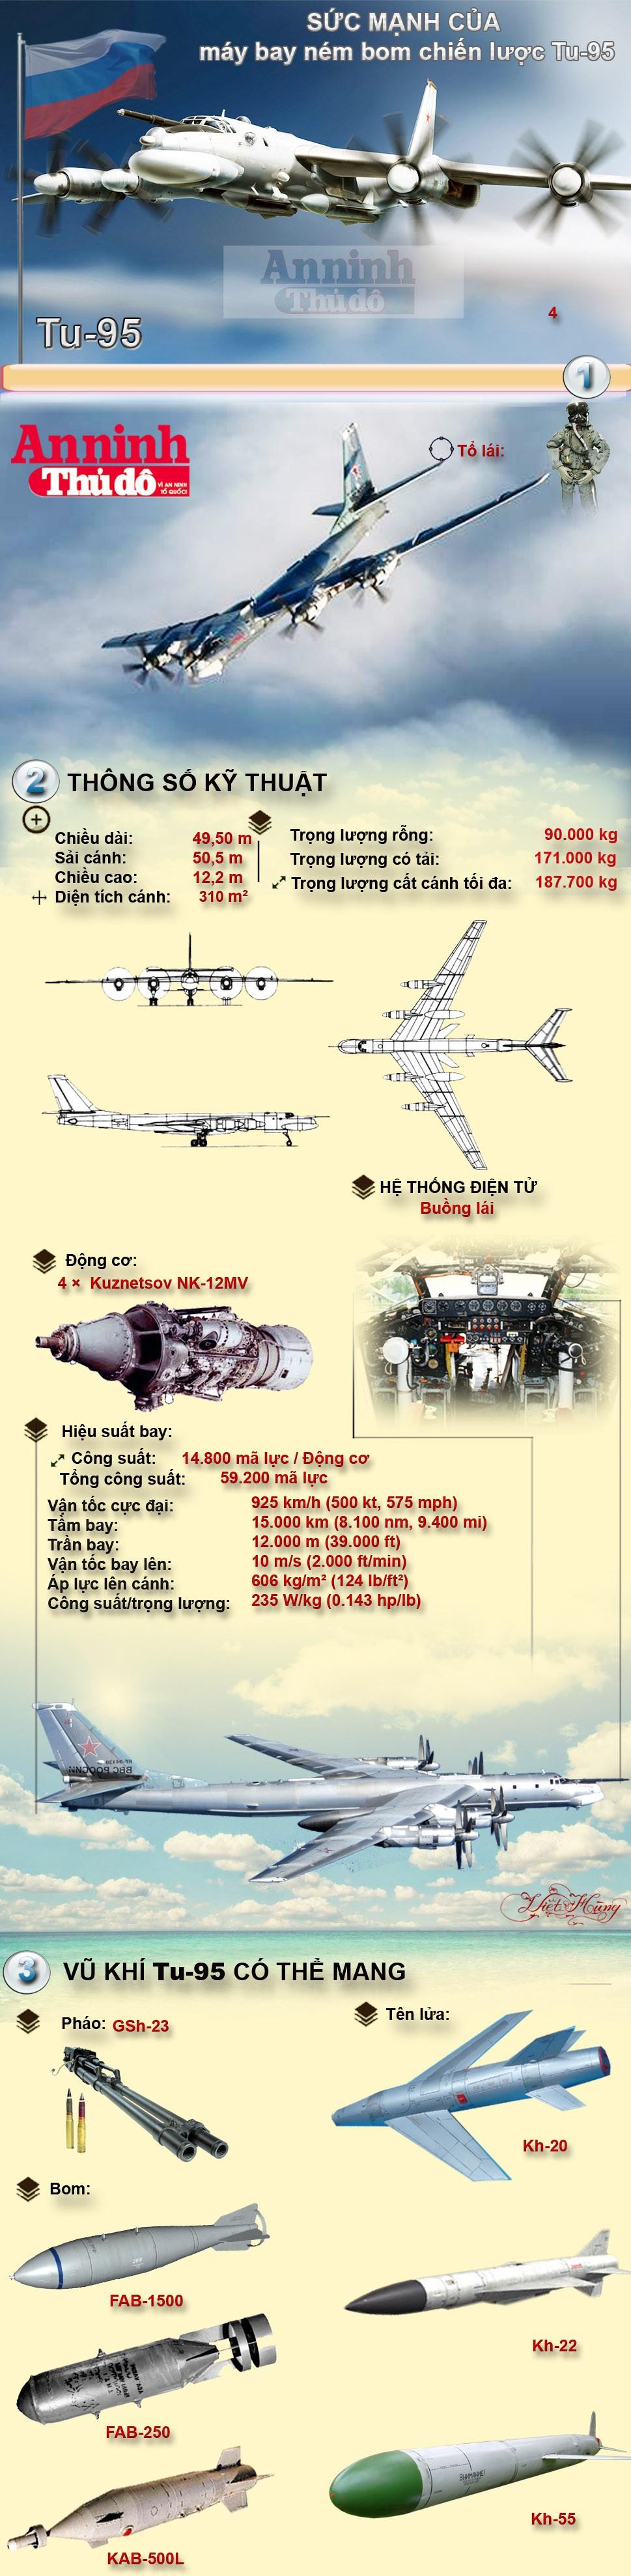 Infographic: Khám phá máy bay ném bom chiến lược TU-95 đang không kích IS ảnh 1